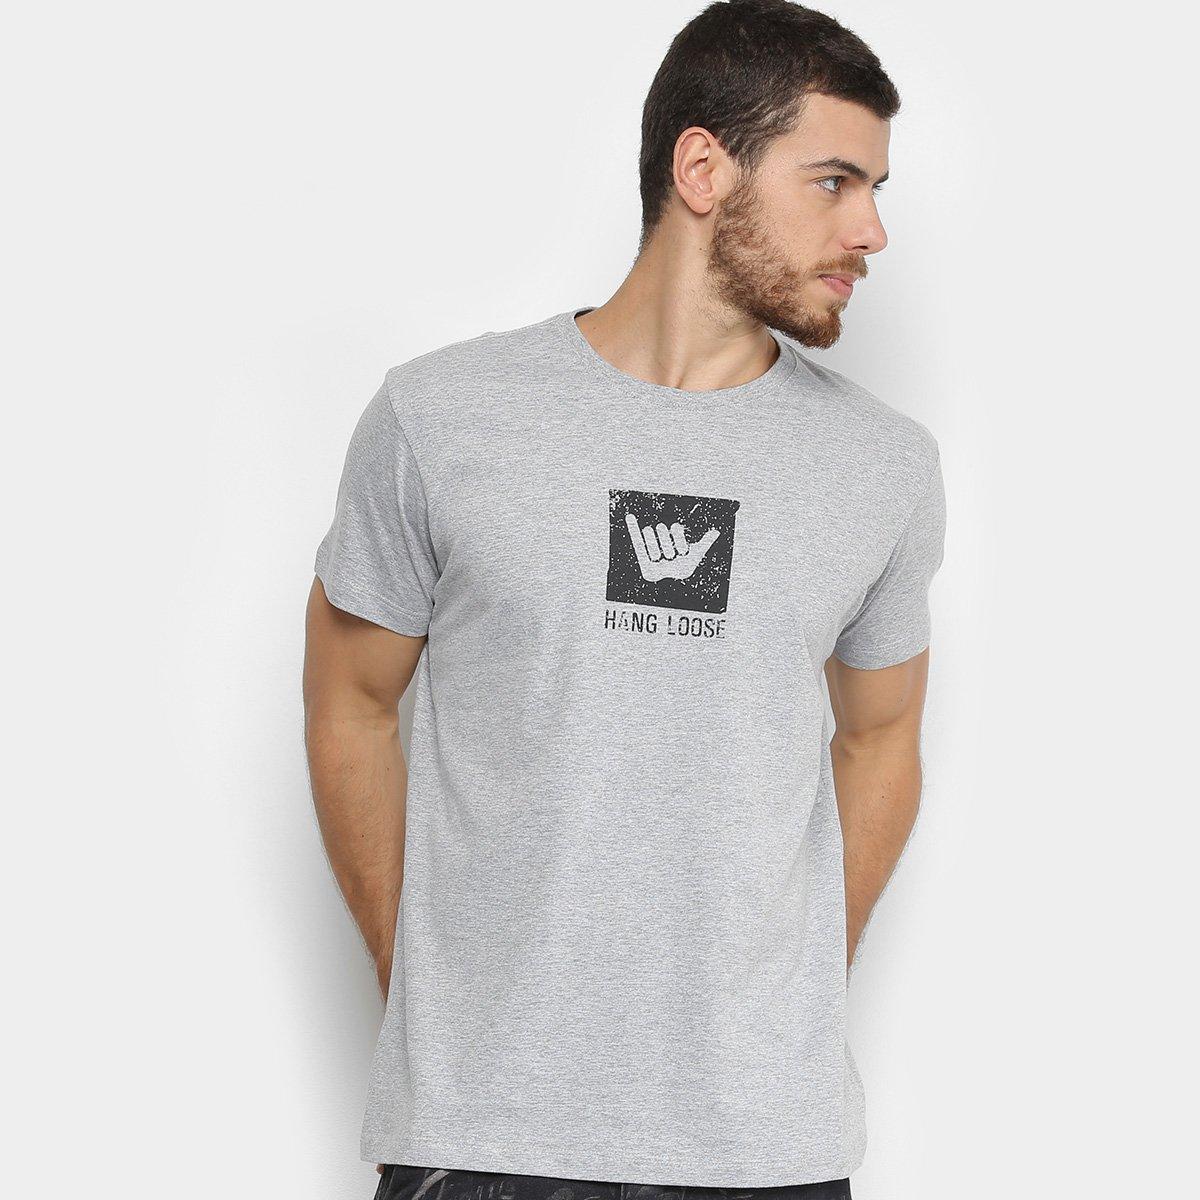 Camiseta Hang Loose Surf Masculina - Cinza - Compre Agora  bdd4e2f715e32